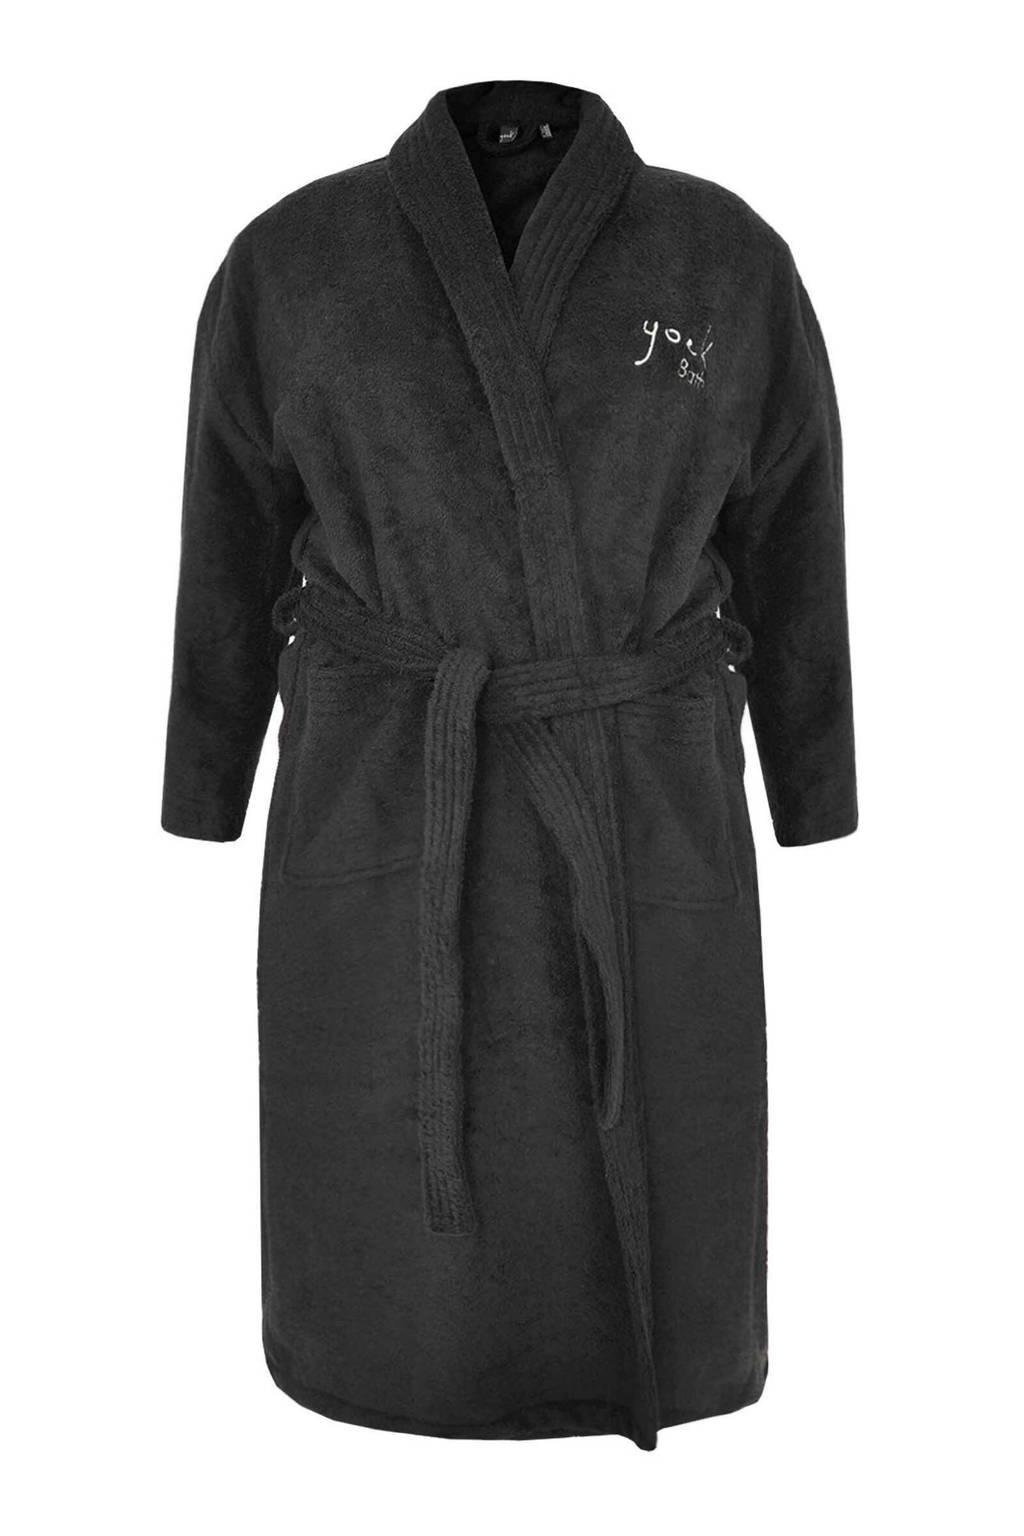 Yoek badstof badjas zwart, Zwart